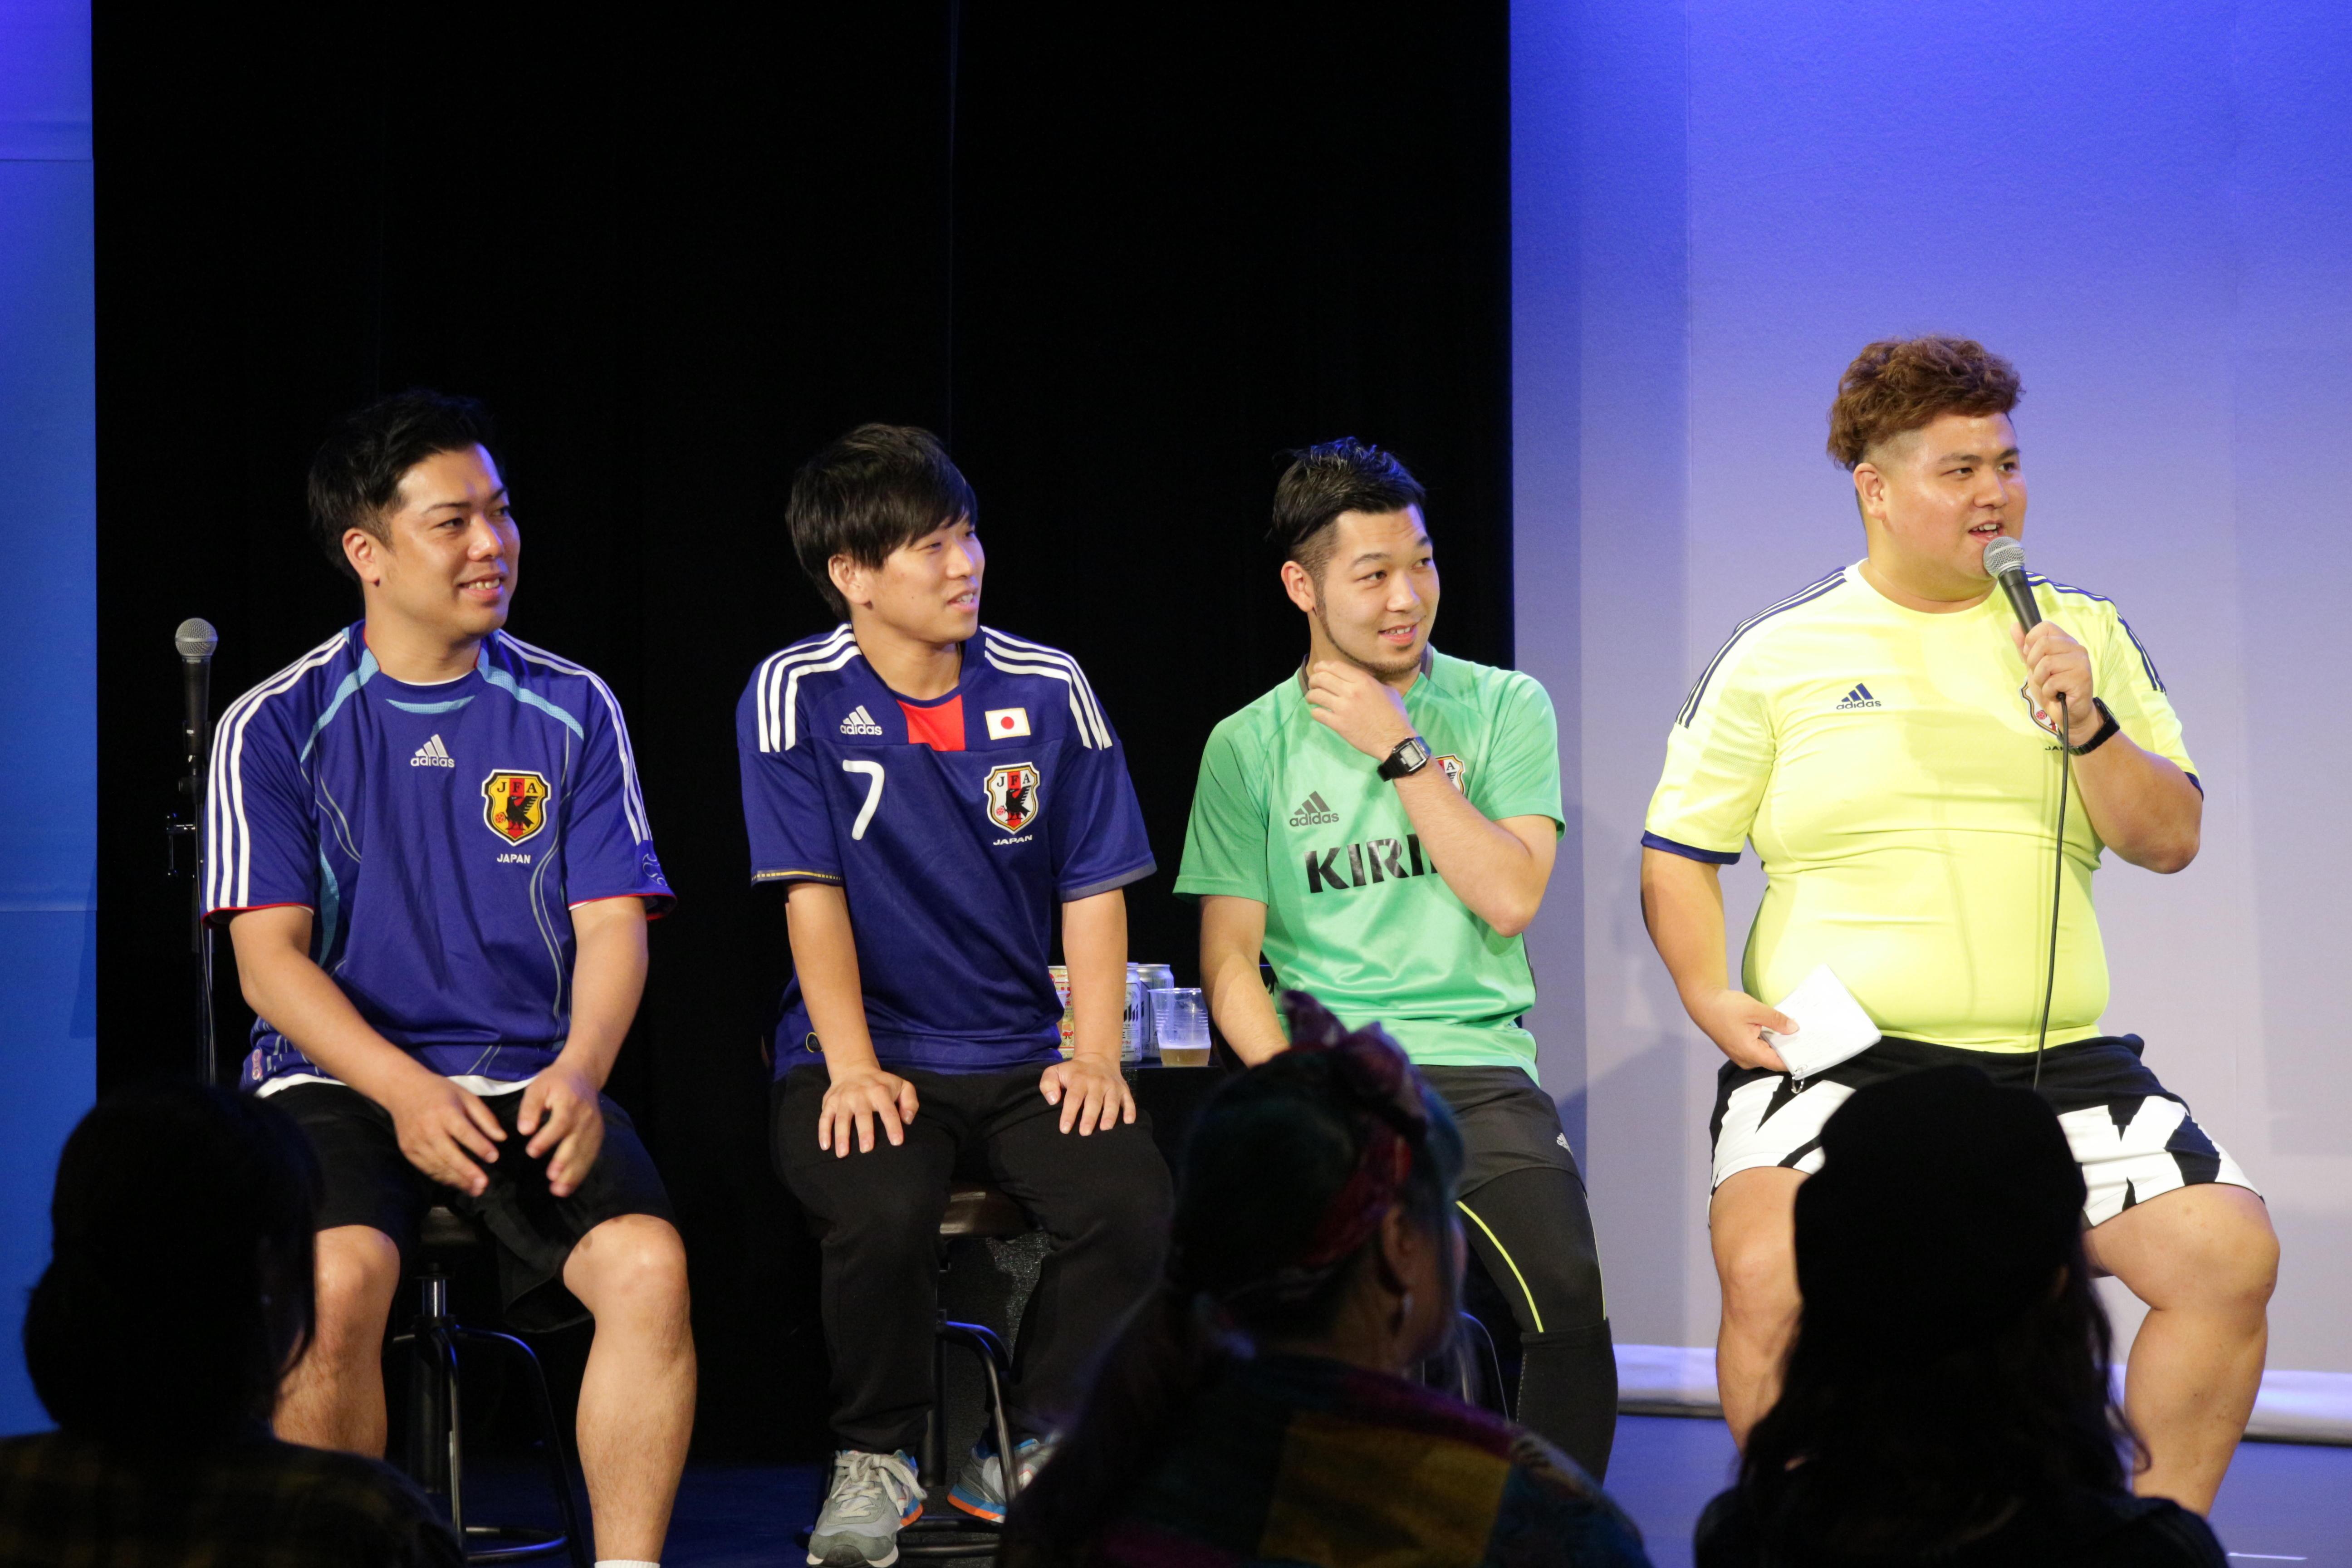 http://news.yoshimoto.co.jp/20180608001605-395e2bb7d90c7974abb900b678a6e2d6590258be.jpg